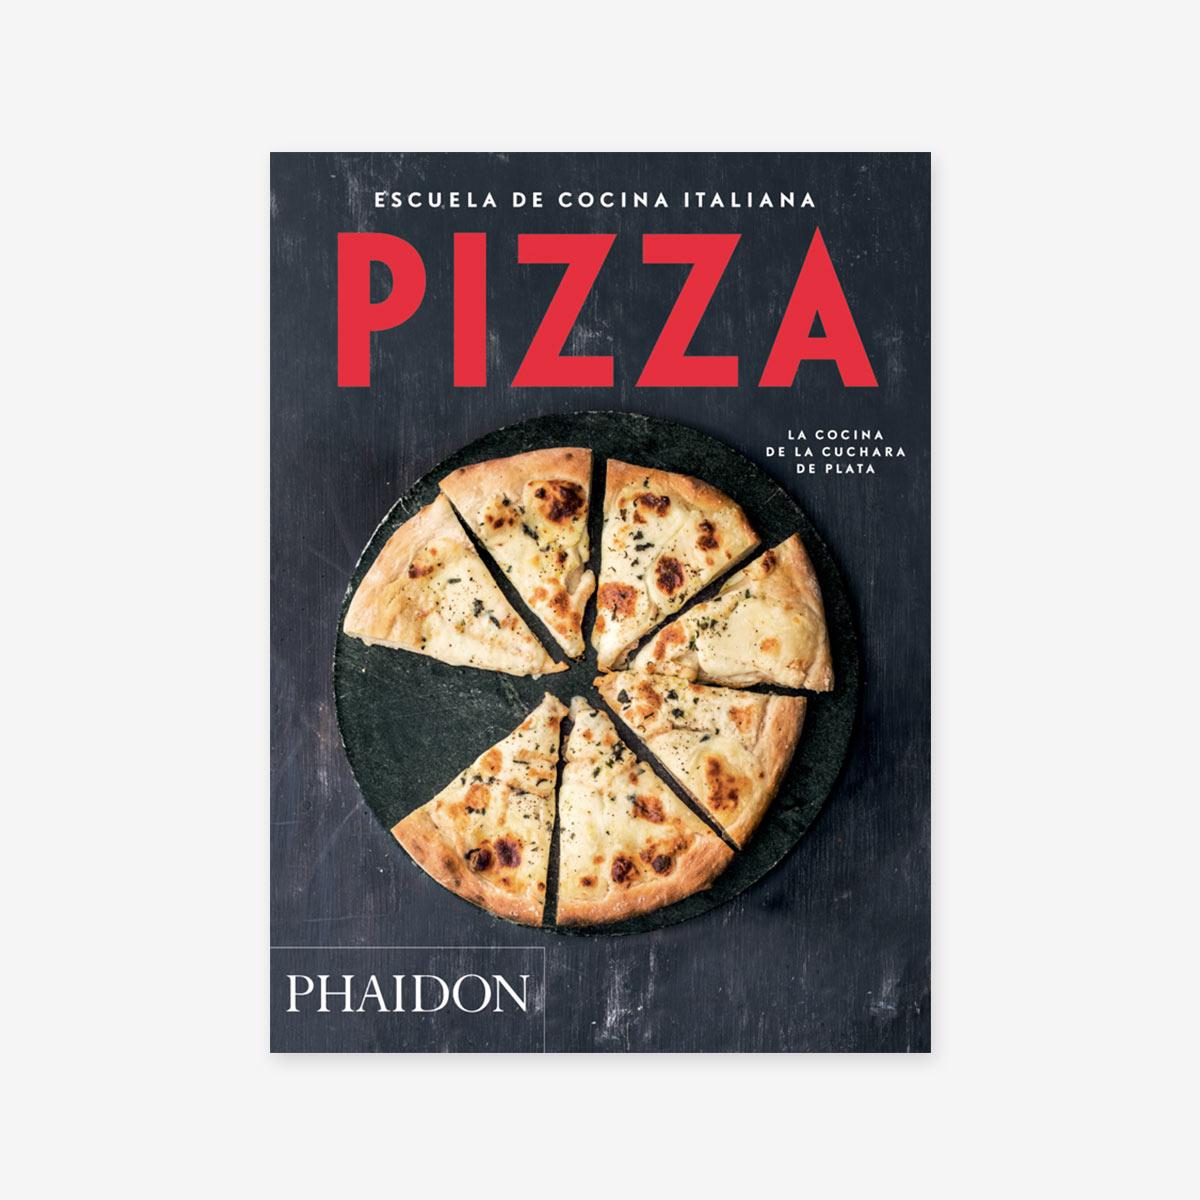 Escuela de cocina pizza miss gourmand - Escuela de cocina ...